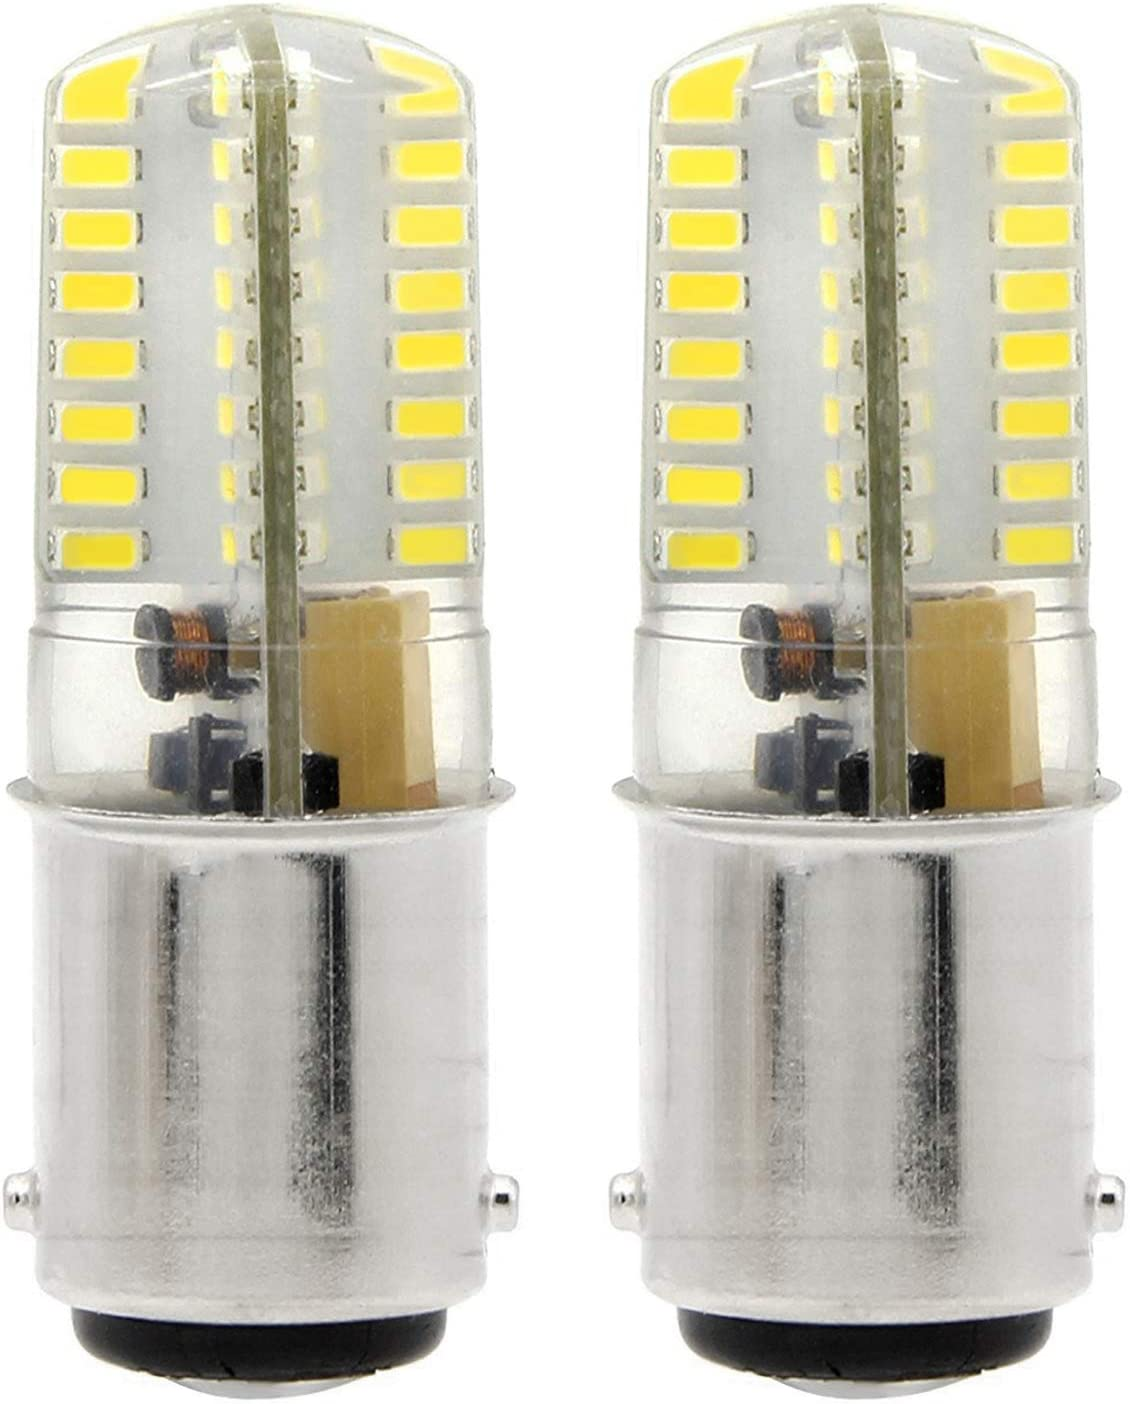 1819 BA15D LED bombillas 4W 350LM Blanco Fresco 6000K Bulb Equivalentes a Lámparas Halógenas de 35W AC 12V(2 piezas)